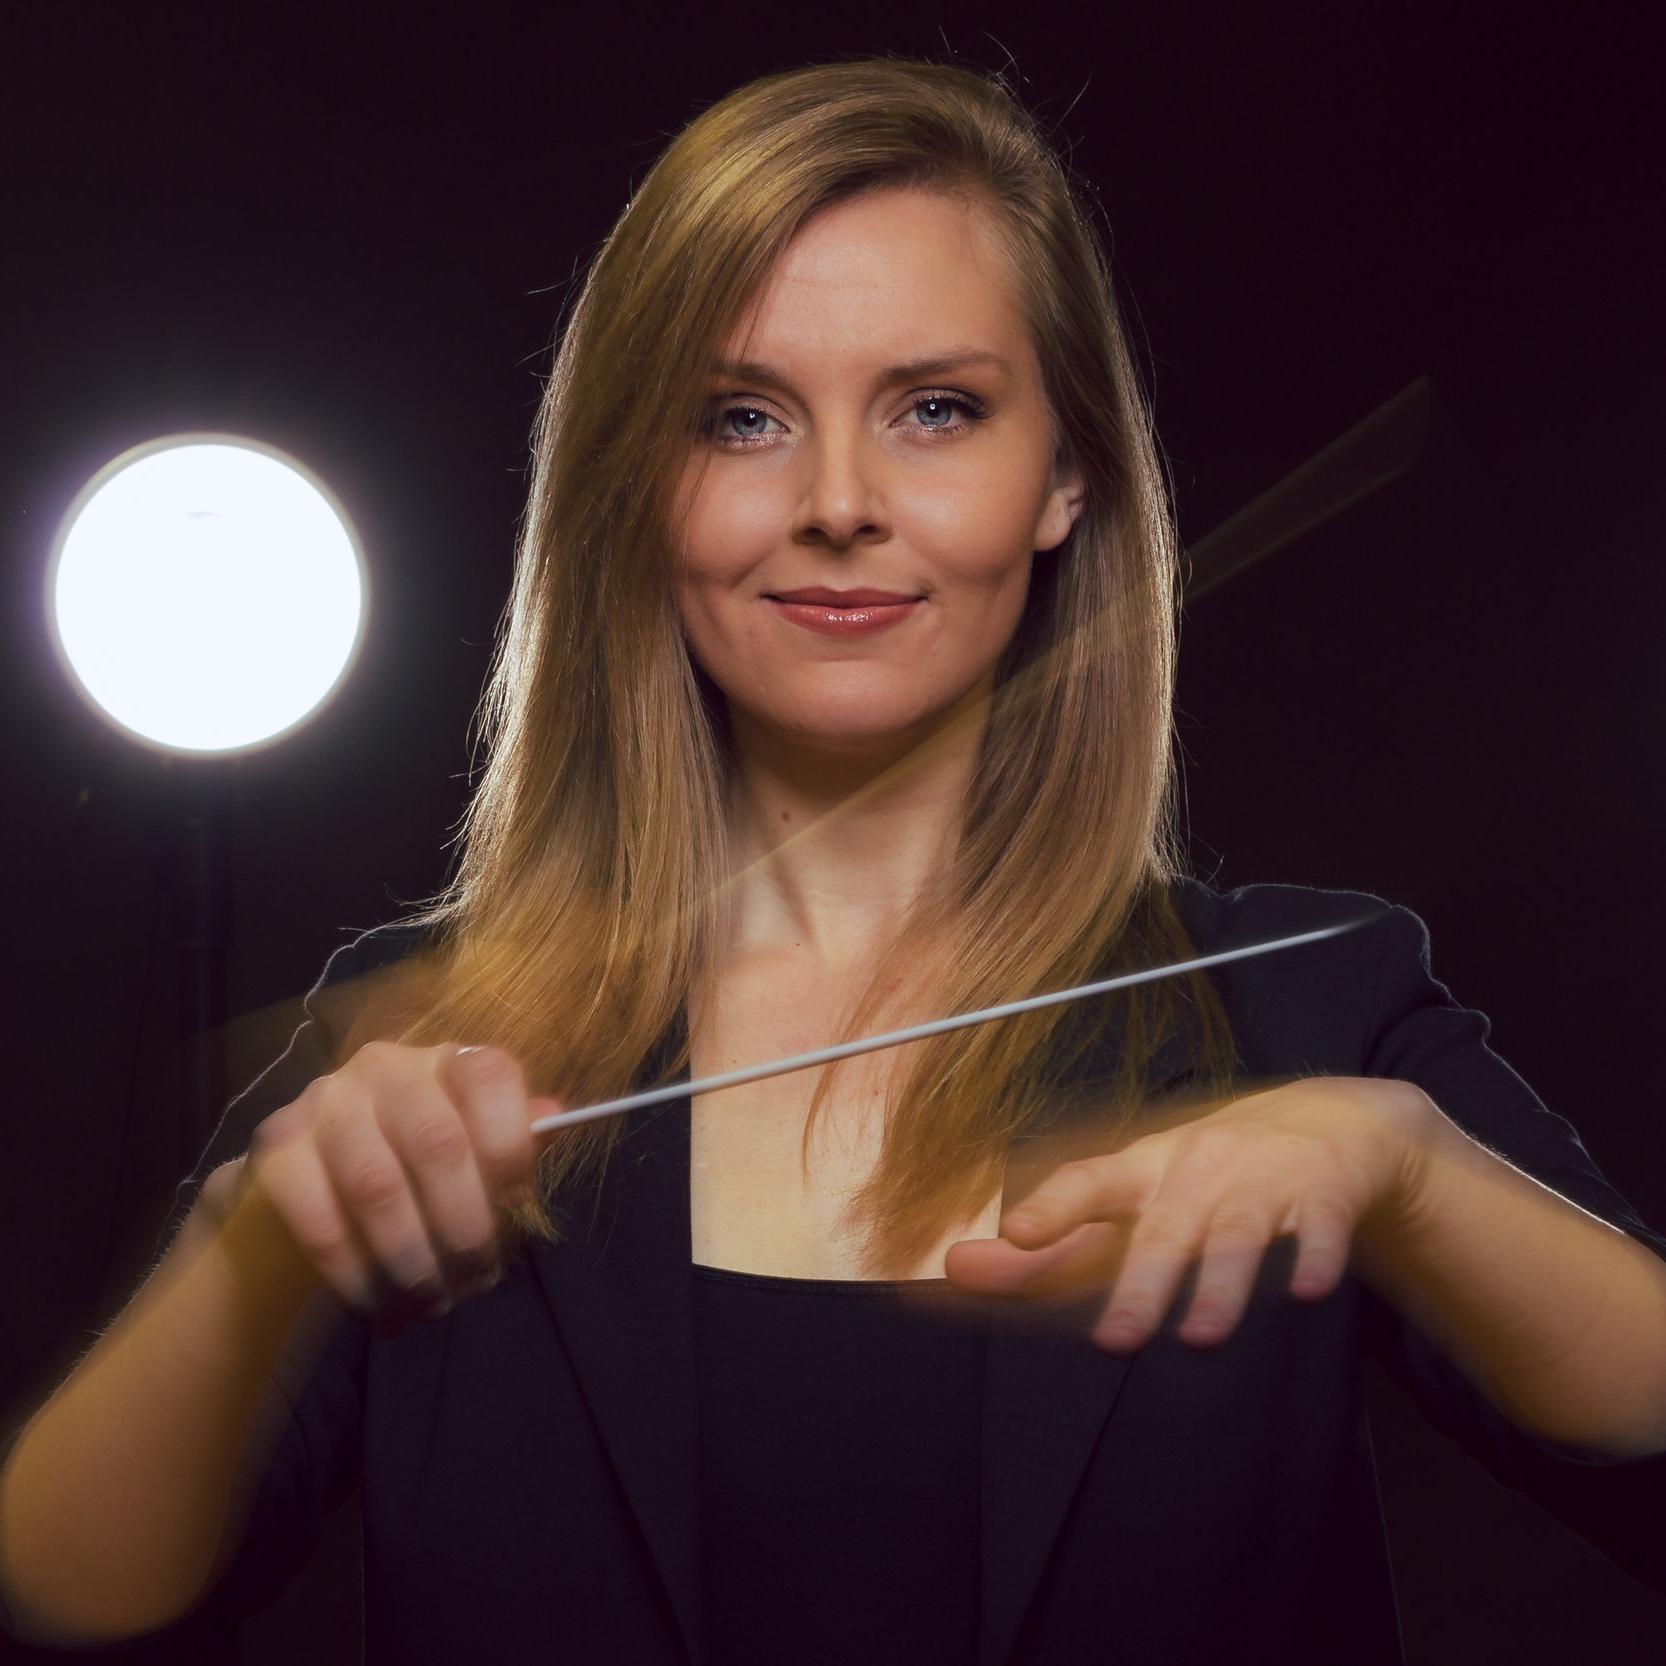 Kari Francis, Associate Artistic Director, Sirens of Gotham